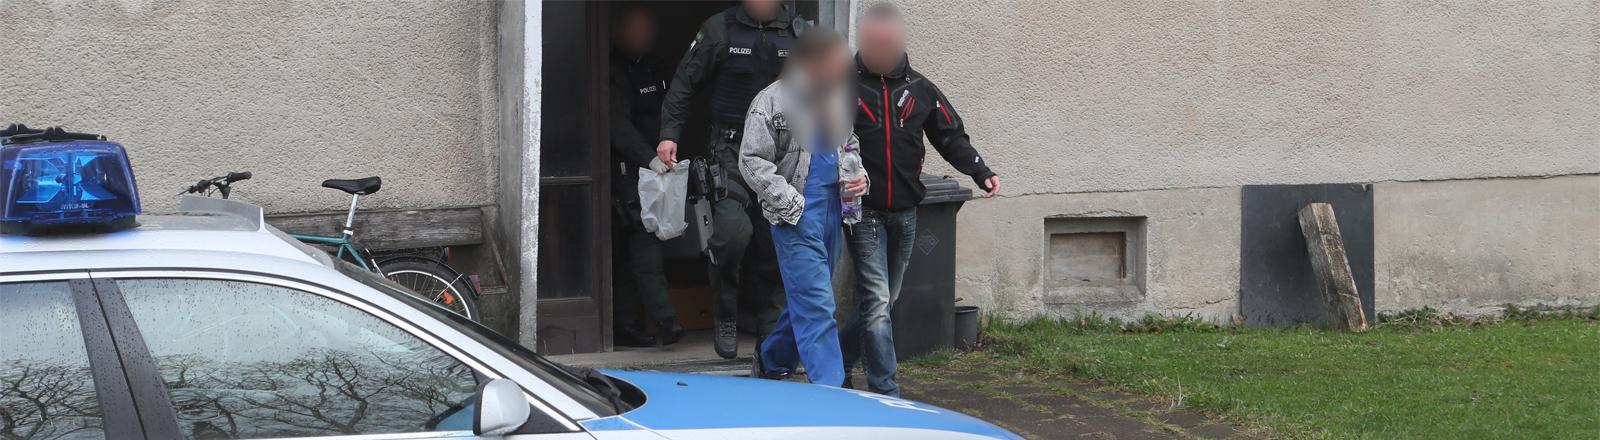 Polizeibeamte und ein sogenannter Reichsbürger kommen im April 2017 aus einem Wohnblock im thüringischen Gefell.